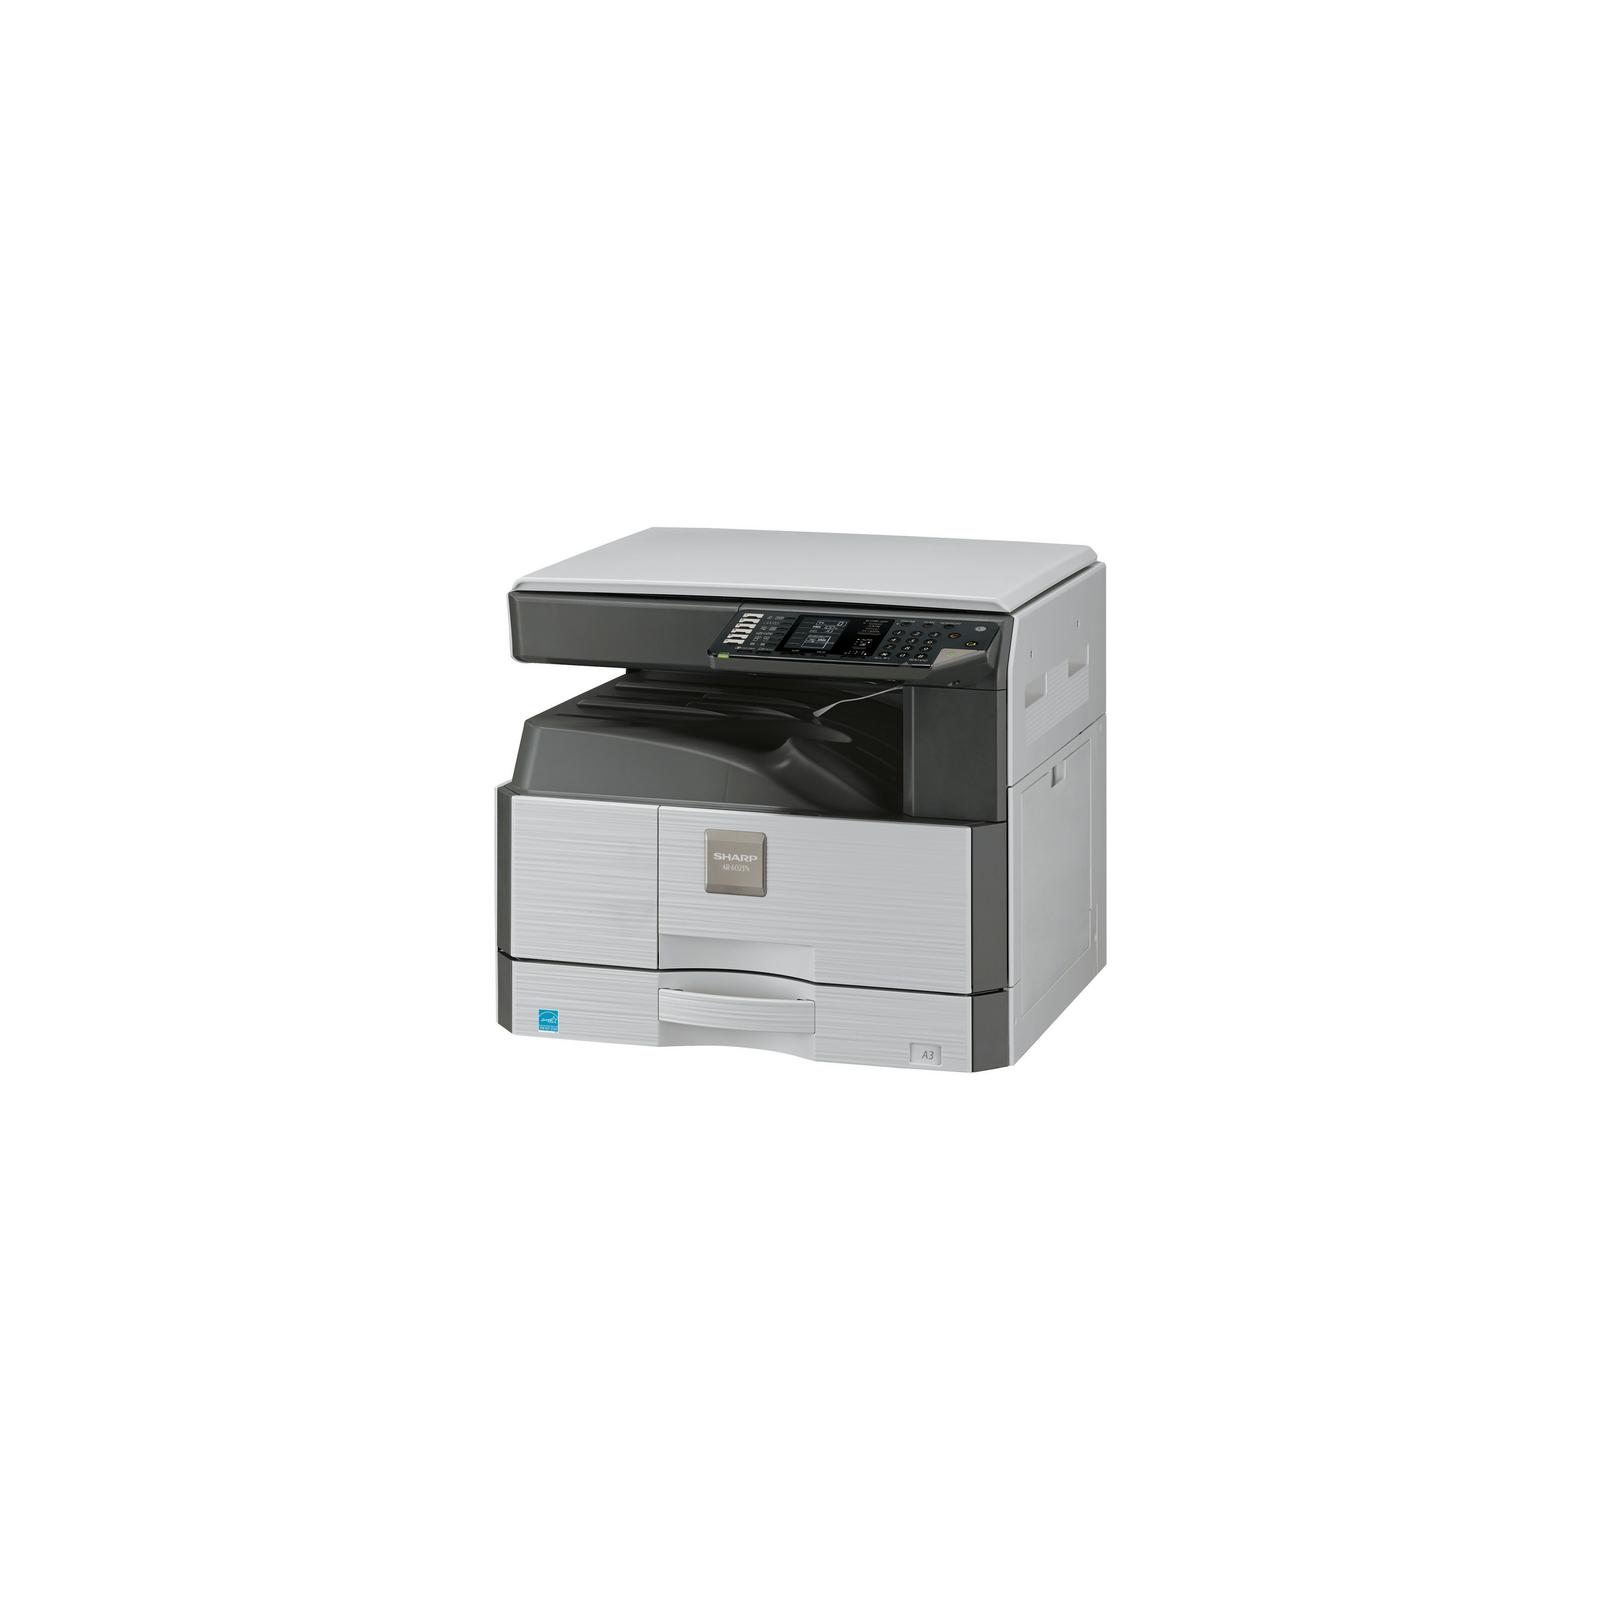 Многофункциональное устройство SHARP AR 6023N (AR6023N) изображение 3